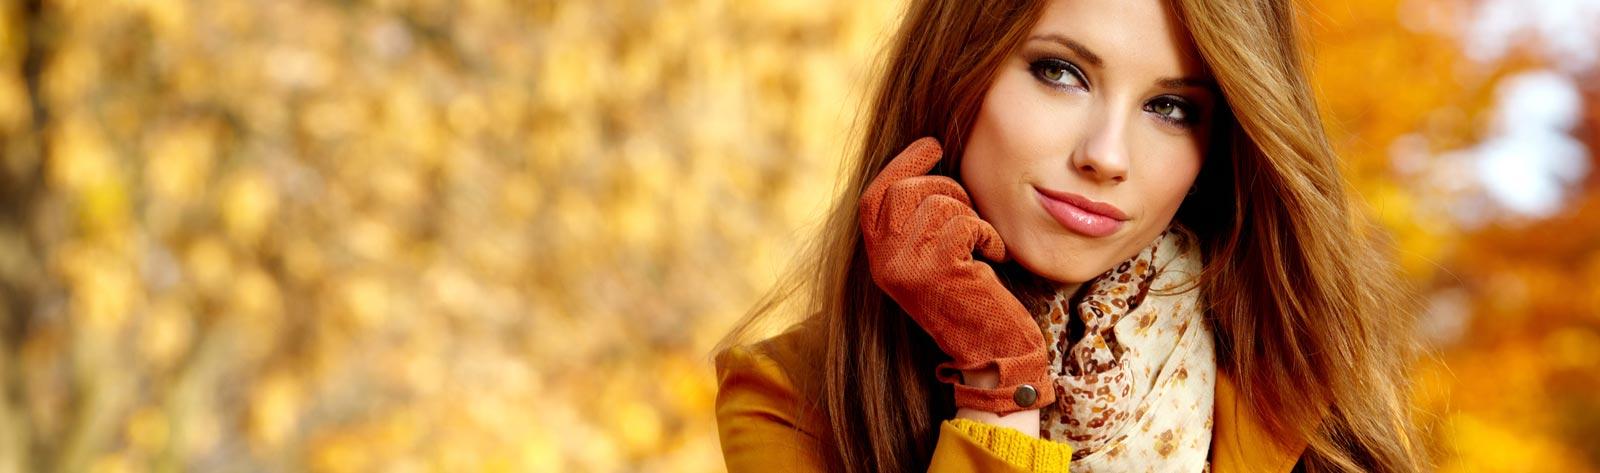 5 zabiegów estetycznych, które warto wykonać jesienią